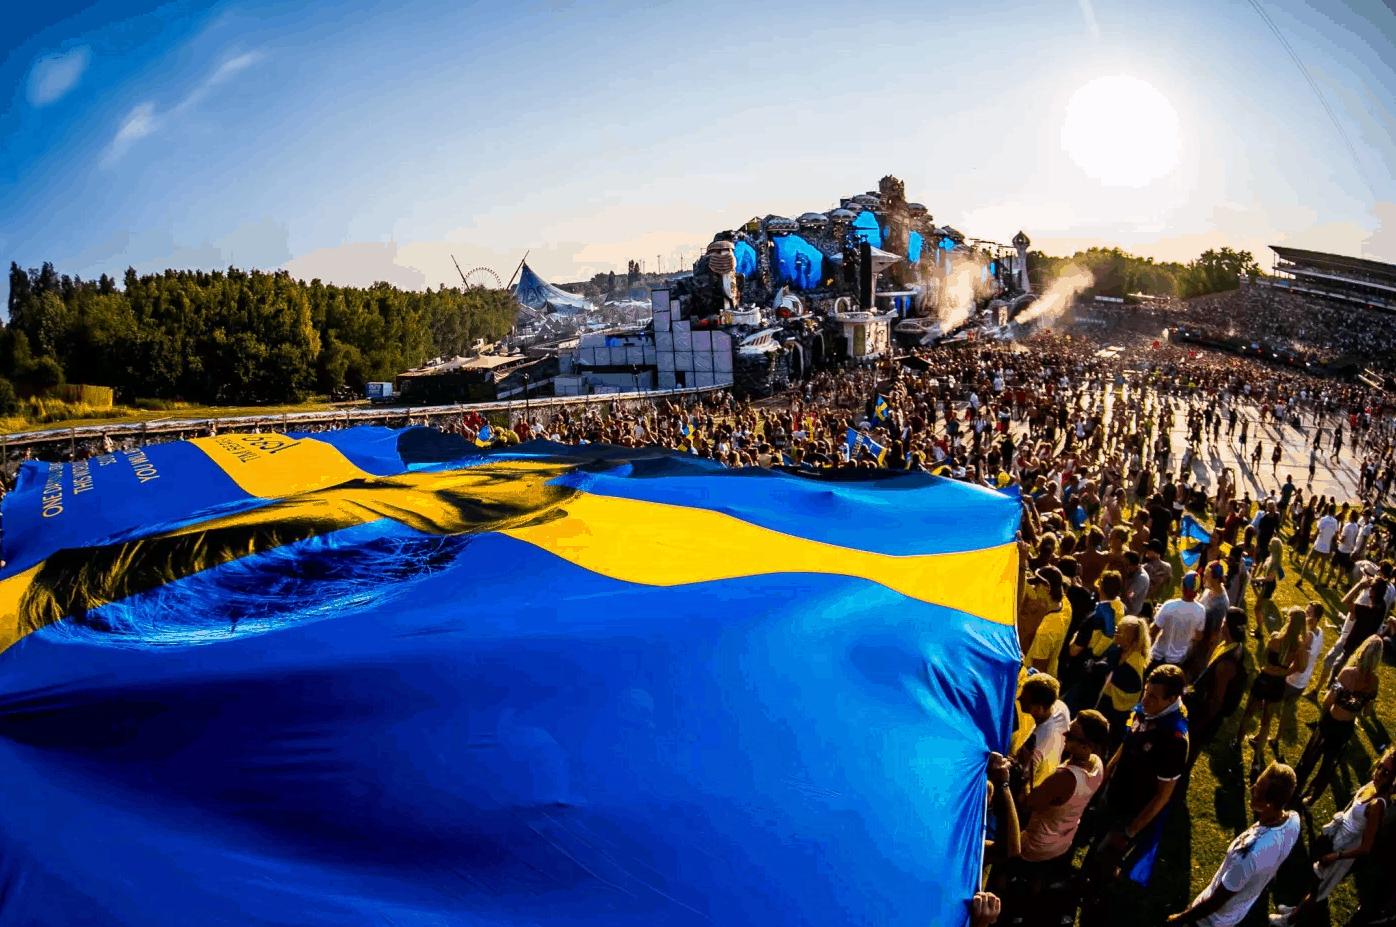 Svensk Avicii flagg på Tomorrowland 2018